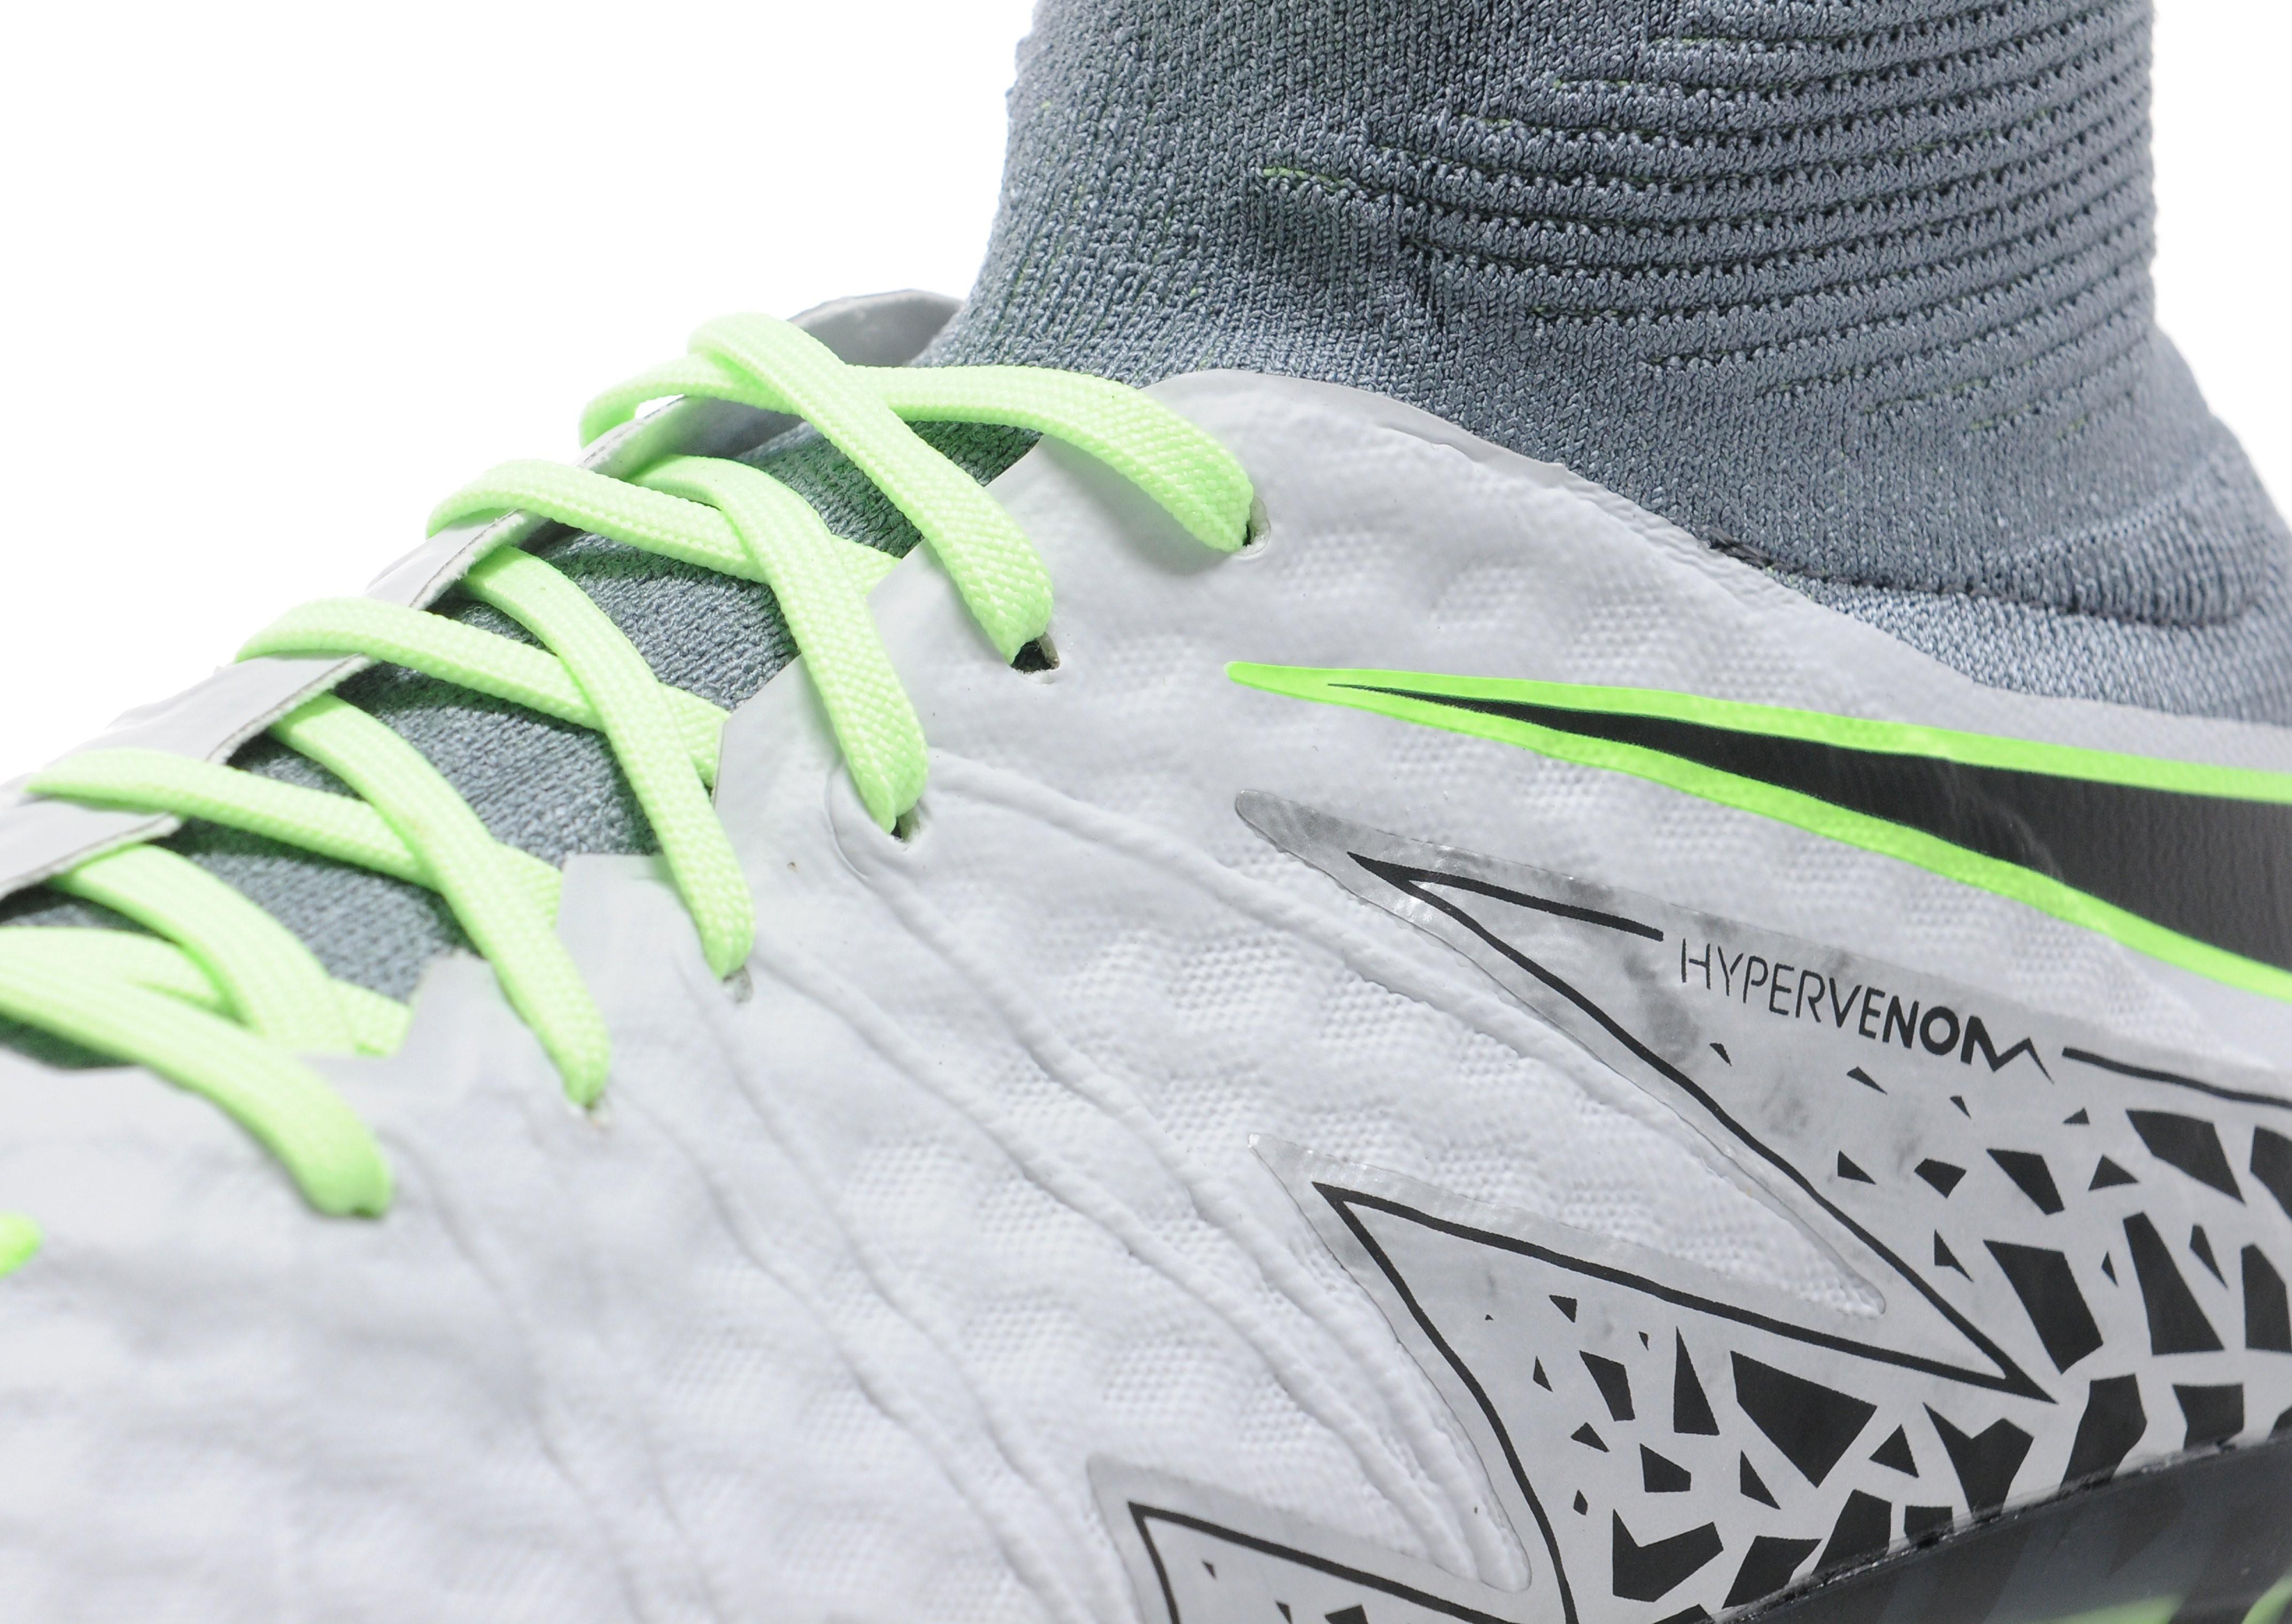 Nike Elite Hypervenom Phantom II FG